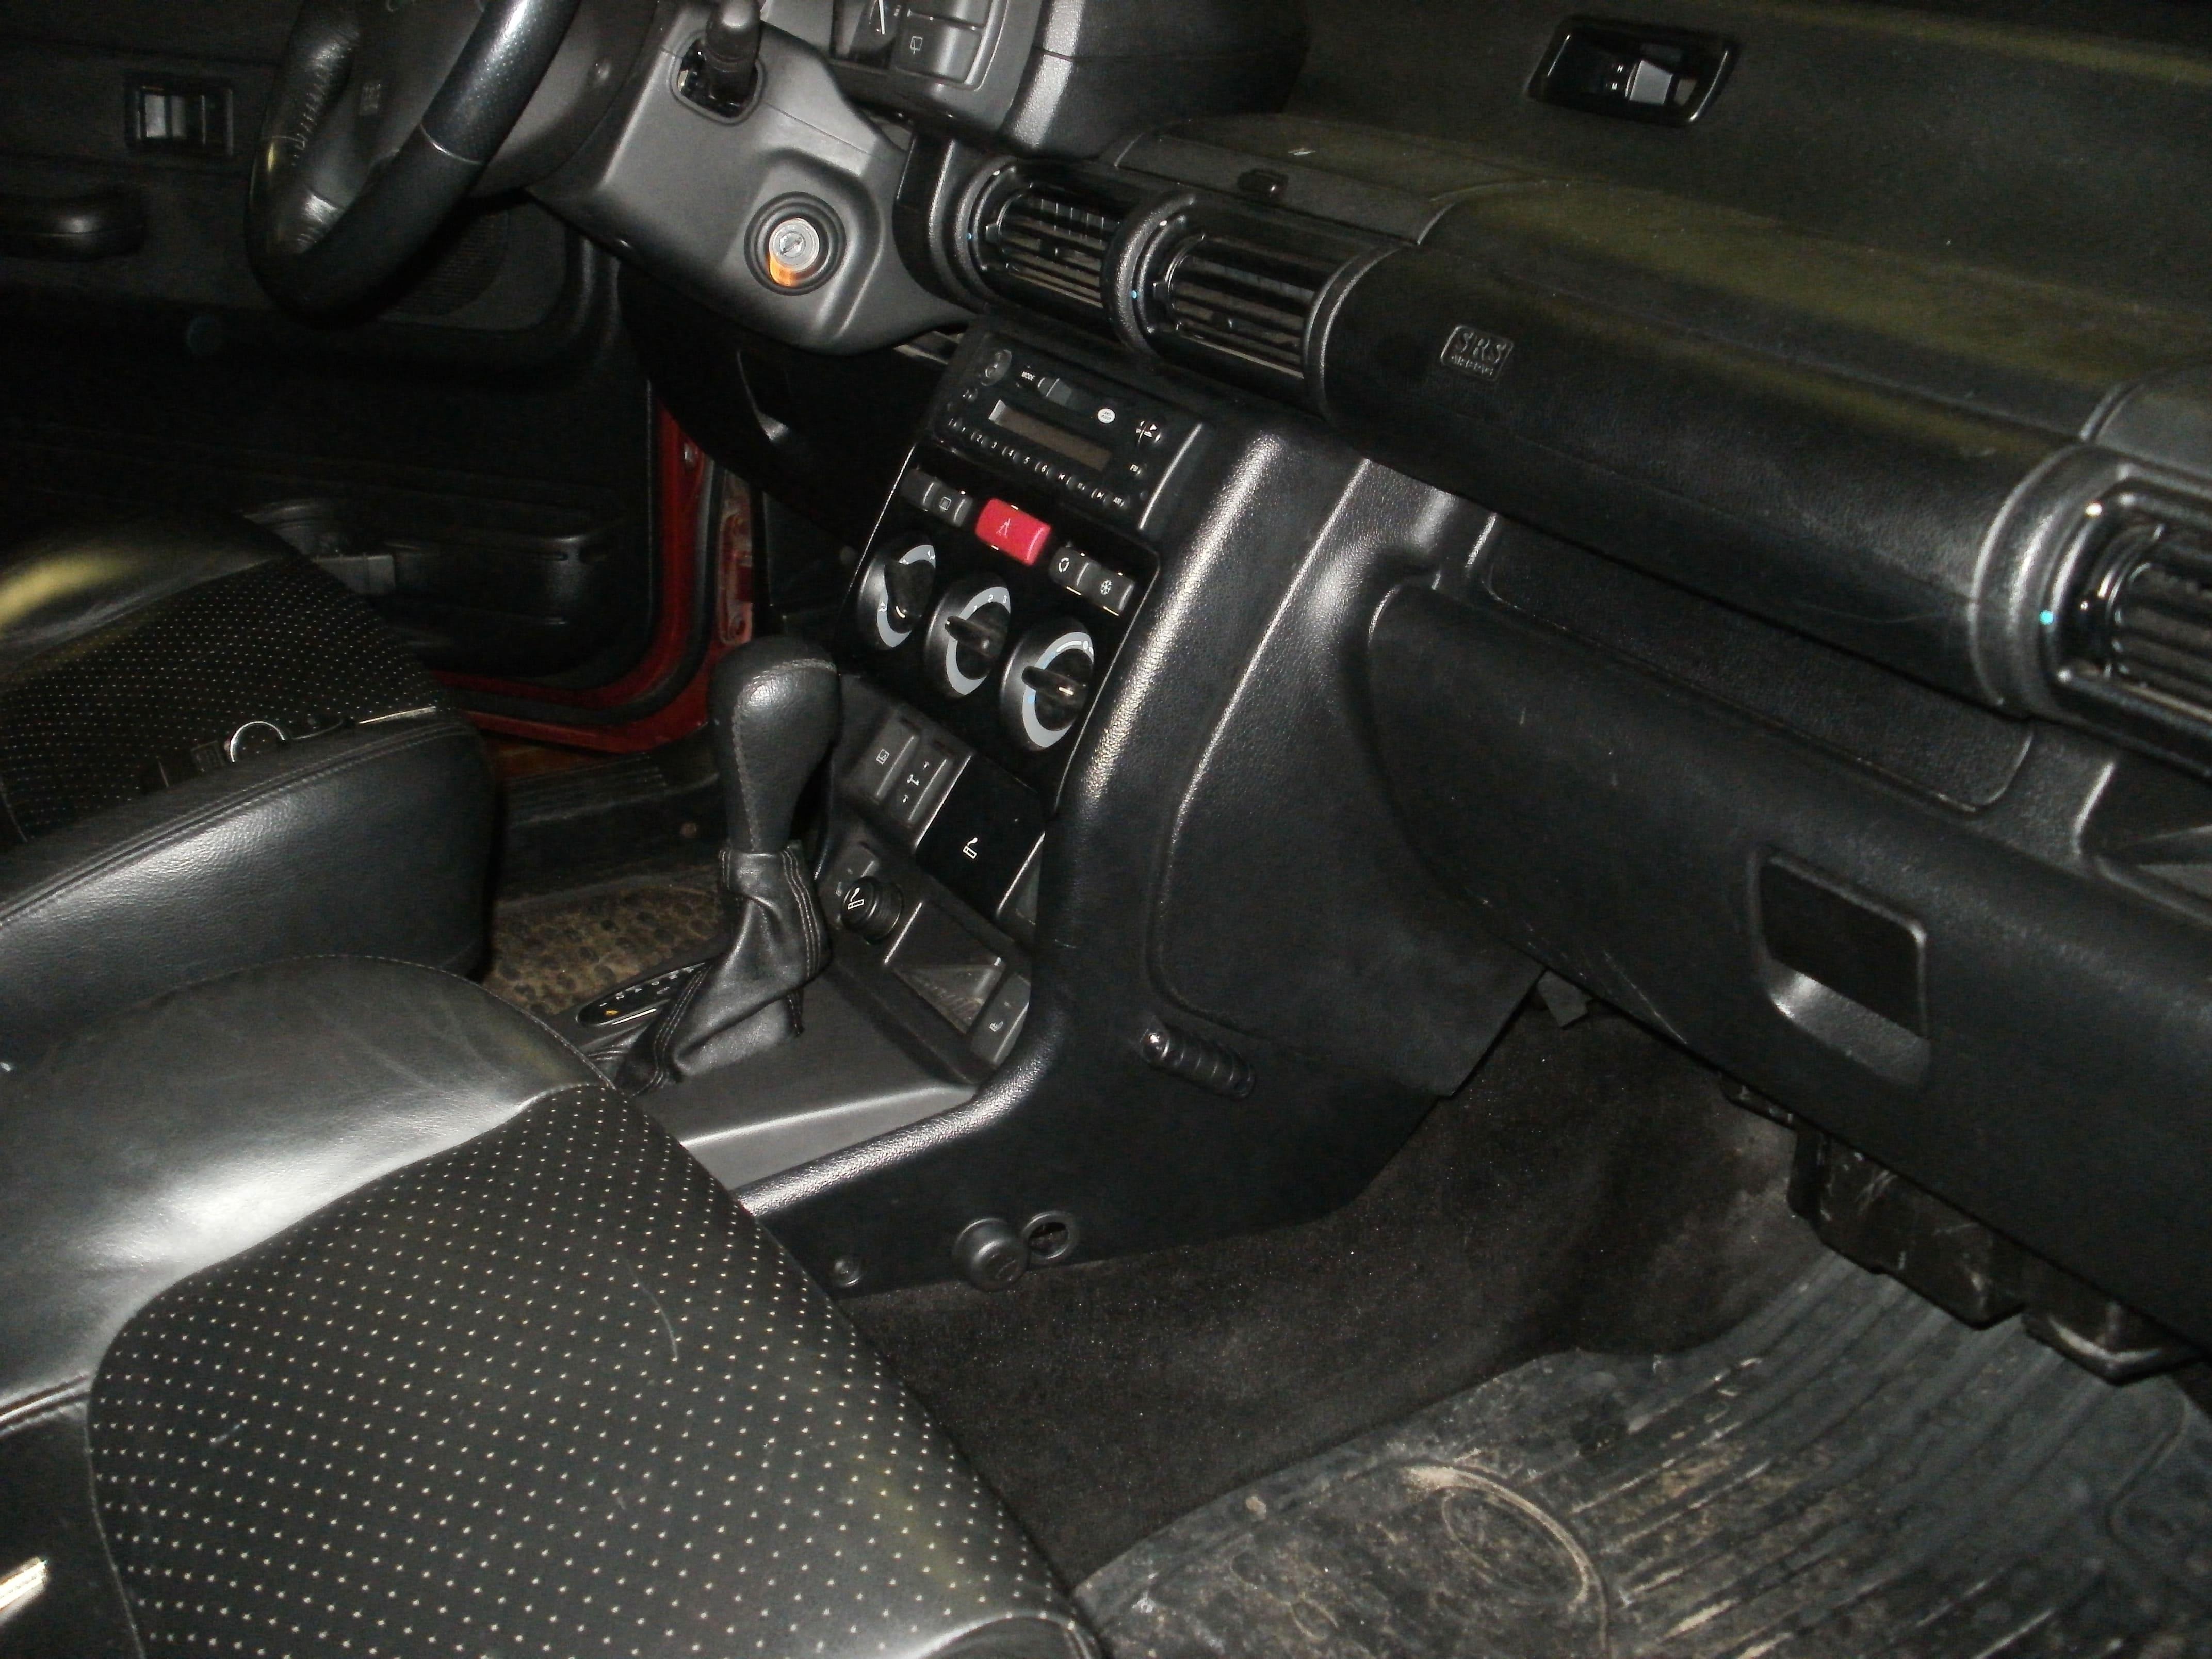 замок мультилок на Land Rover Freelander